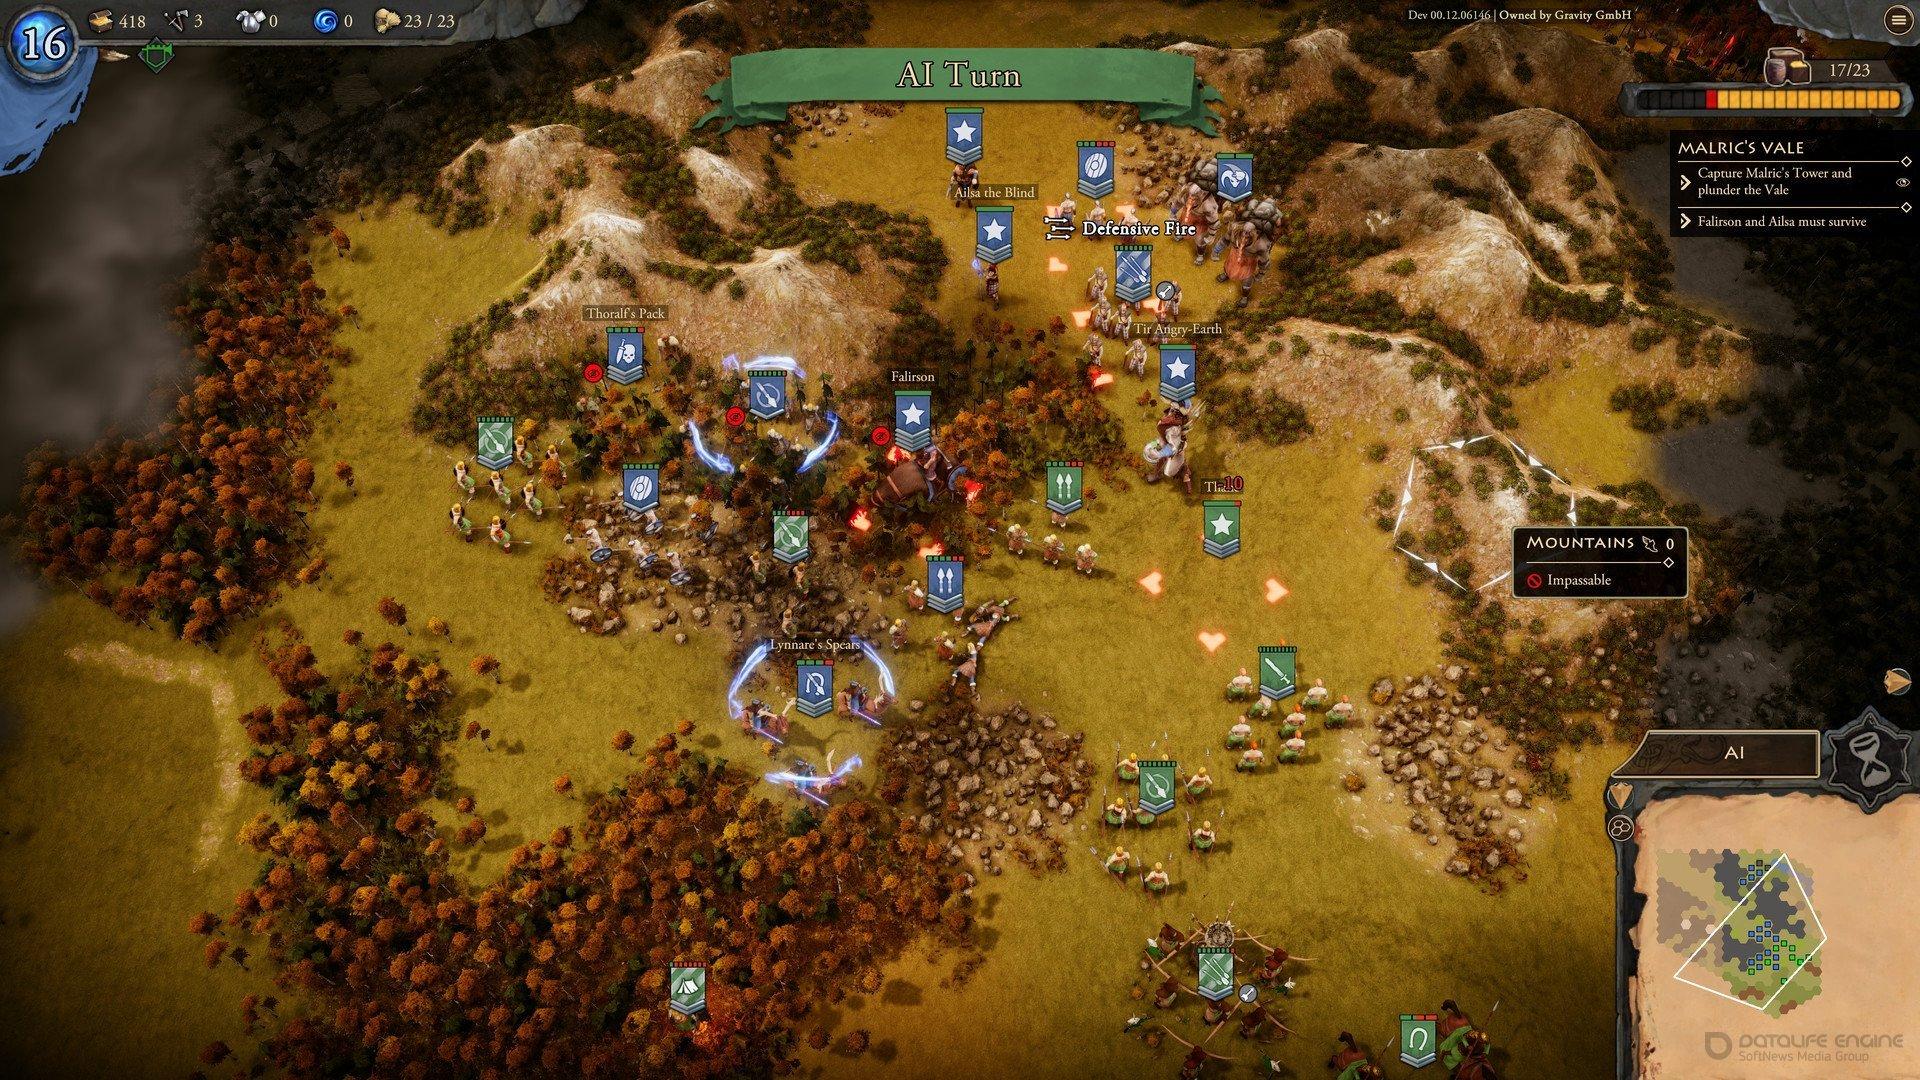 Скриншот к игре Fantasy General II Invasion General Edition v.01.02.12872 [GOG] (2019) скачать торрент Лицензия